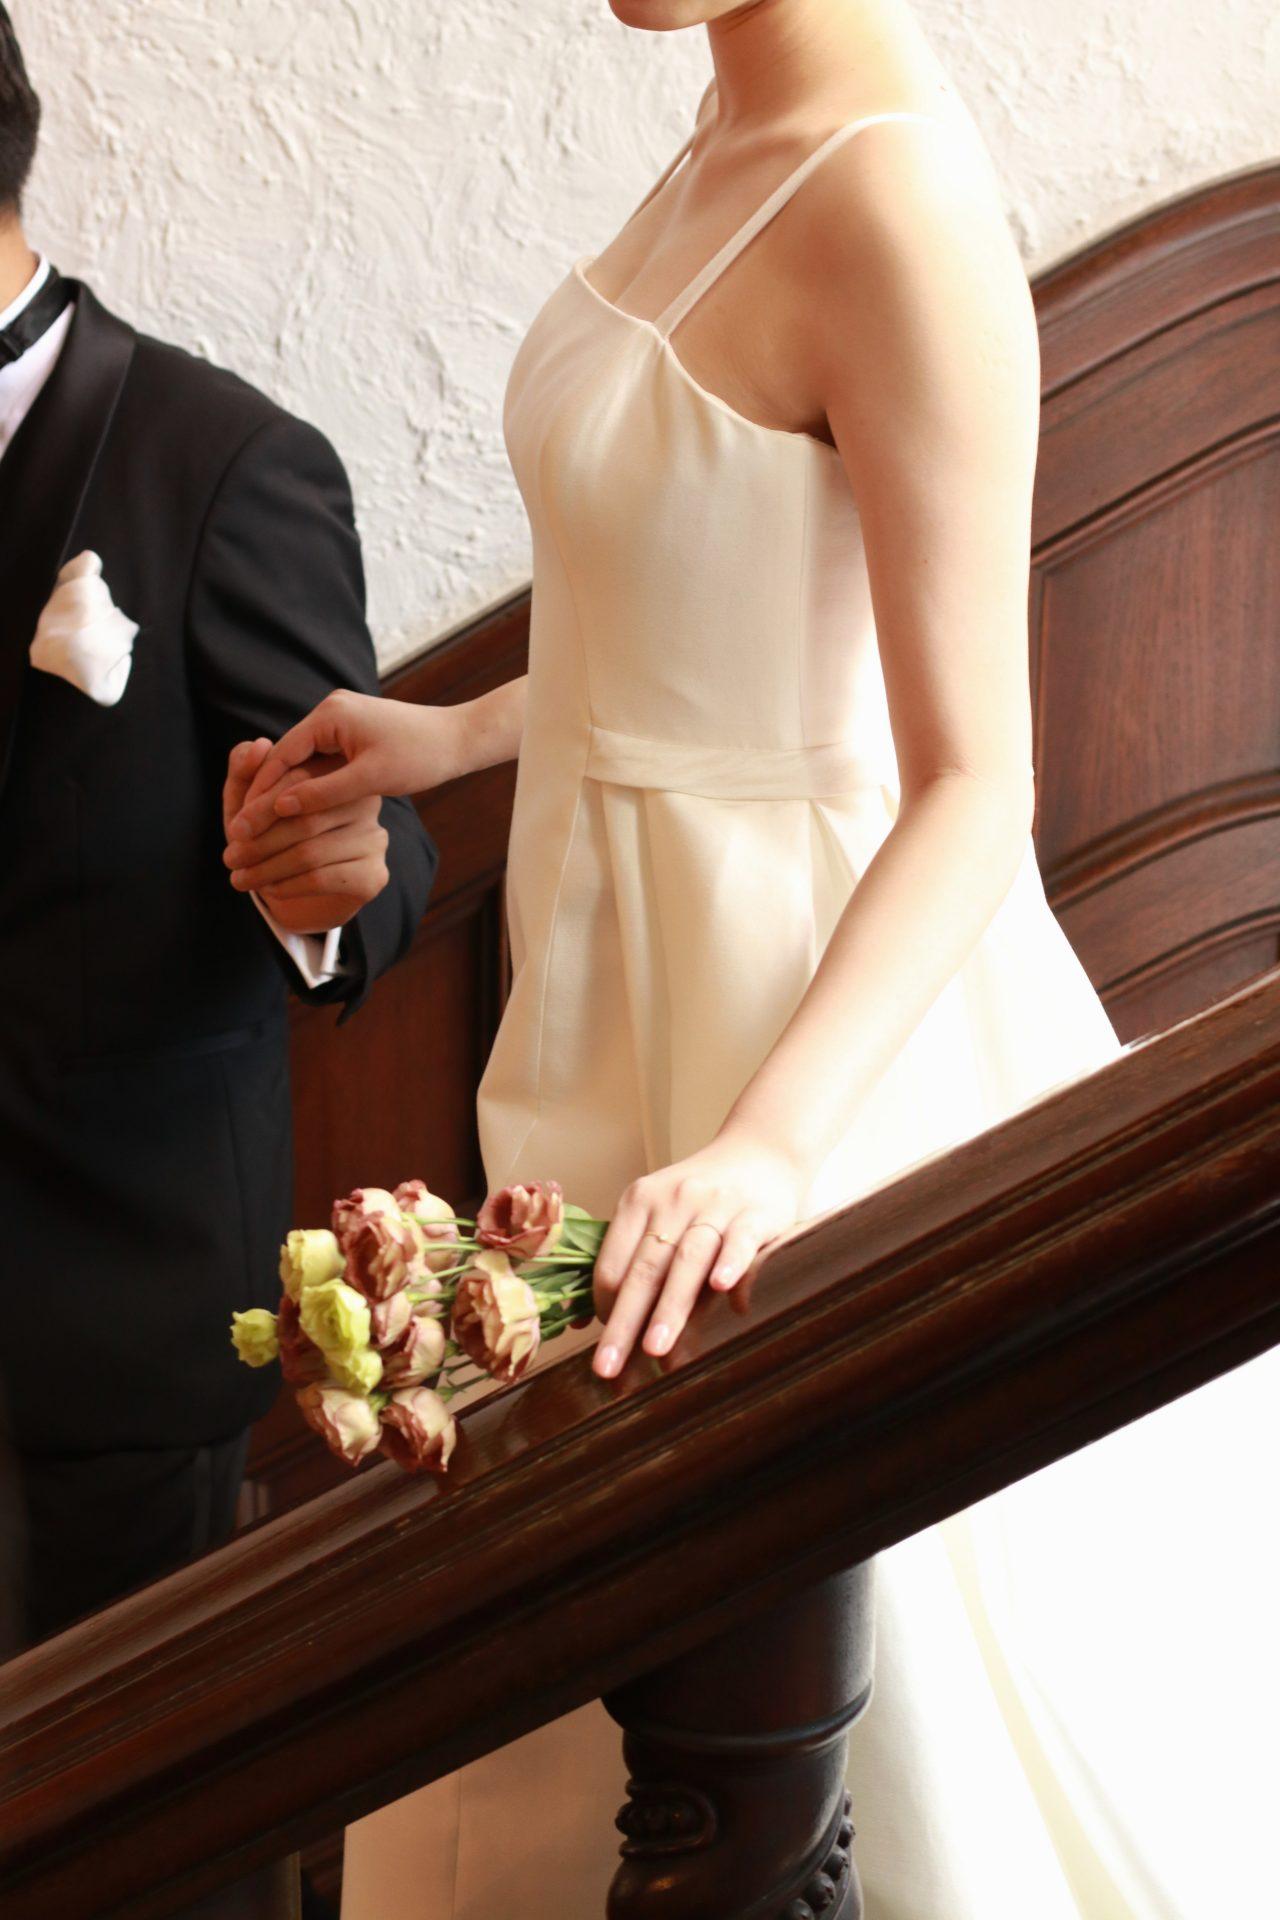 赤坂プリンスクラシックハウスのシンボルともいえるステンドグラスが印象的な木目調の階段をご新郎ご新婦様が手を取りあってモダンで洗練された披露宴会場へ向かいます